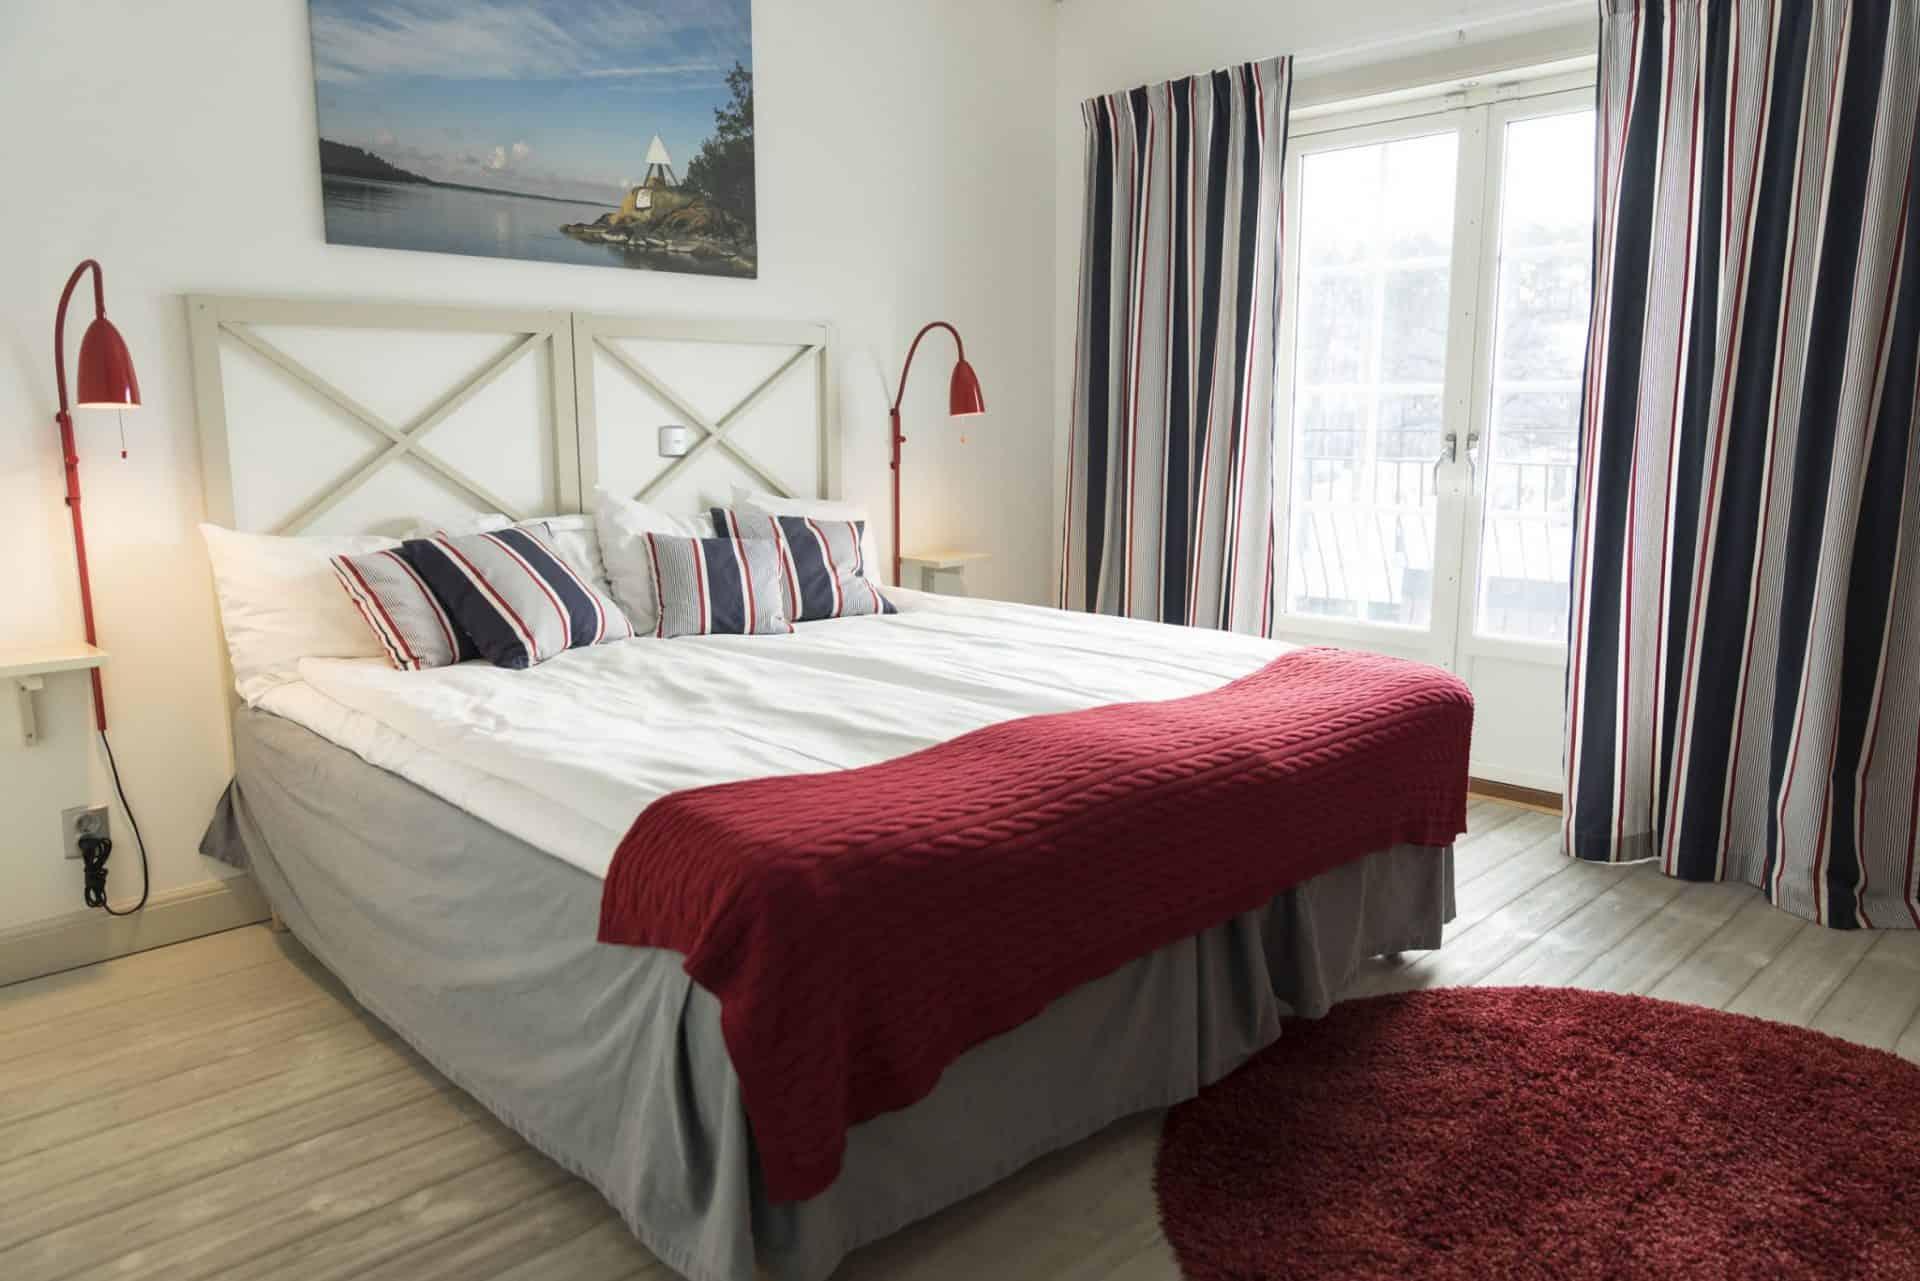 hotelroom in norrtalje